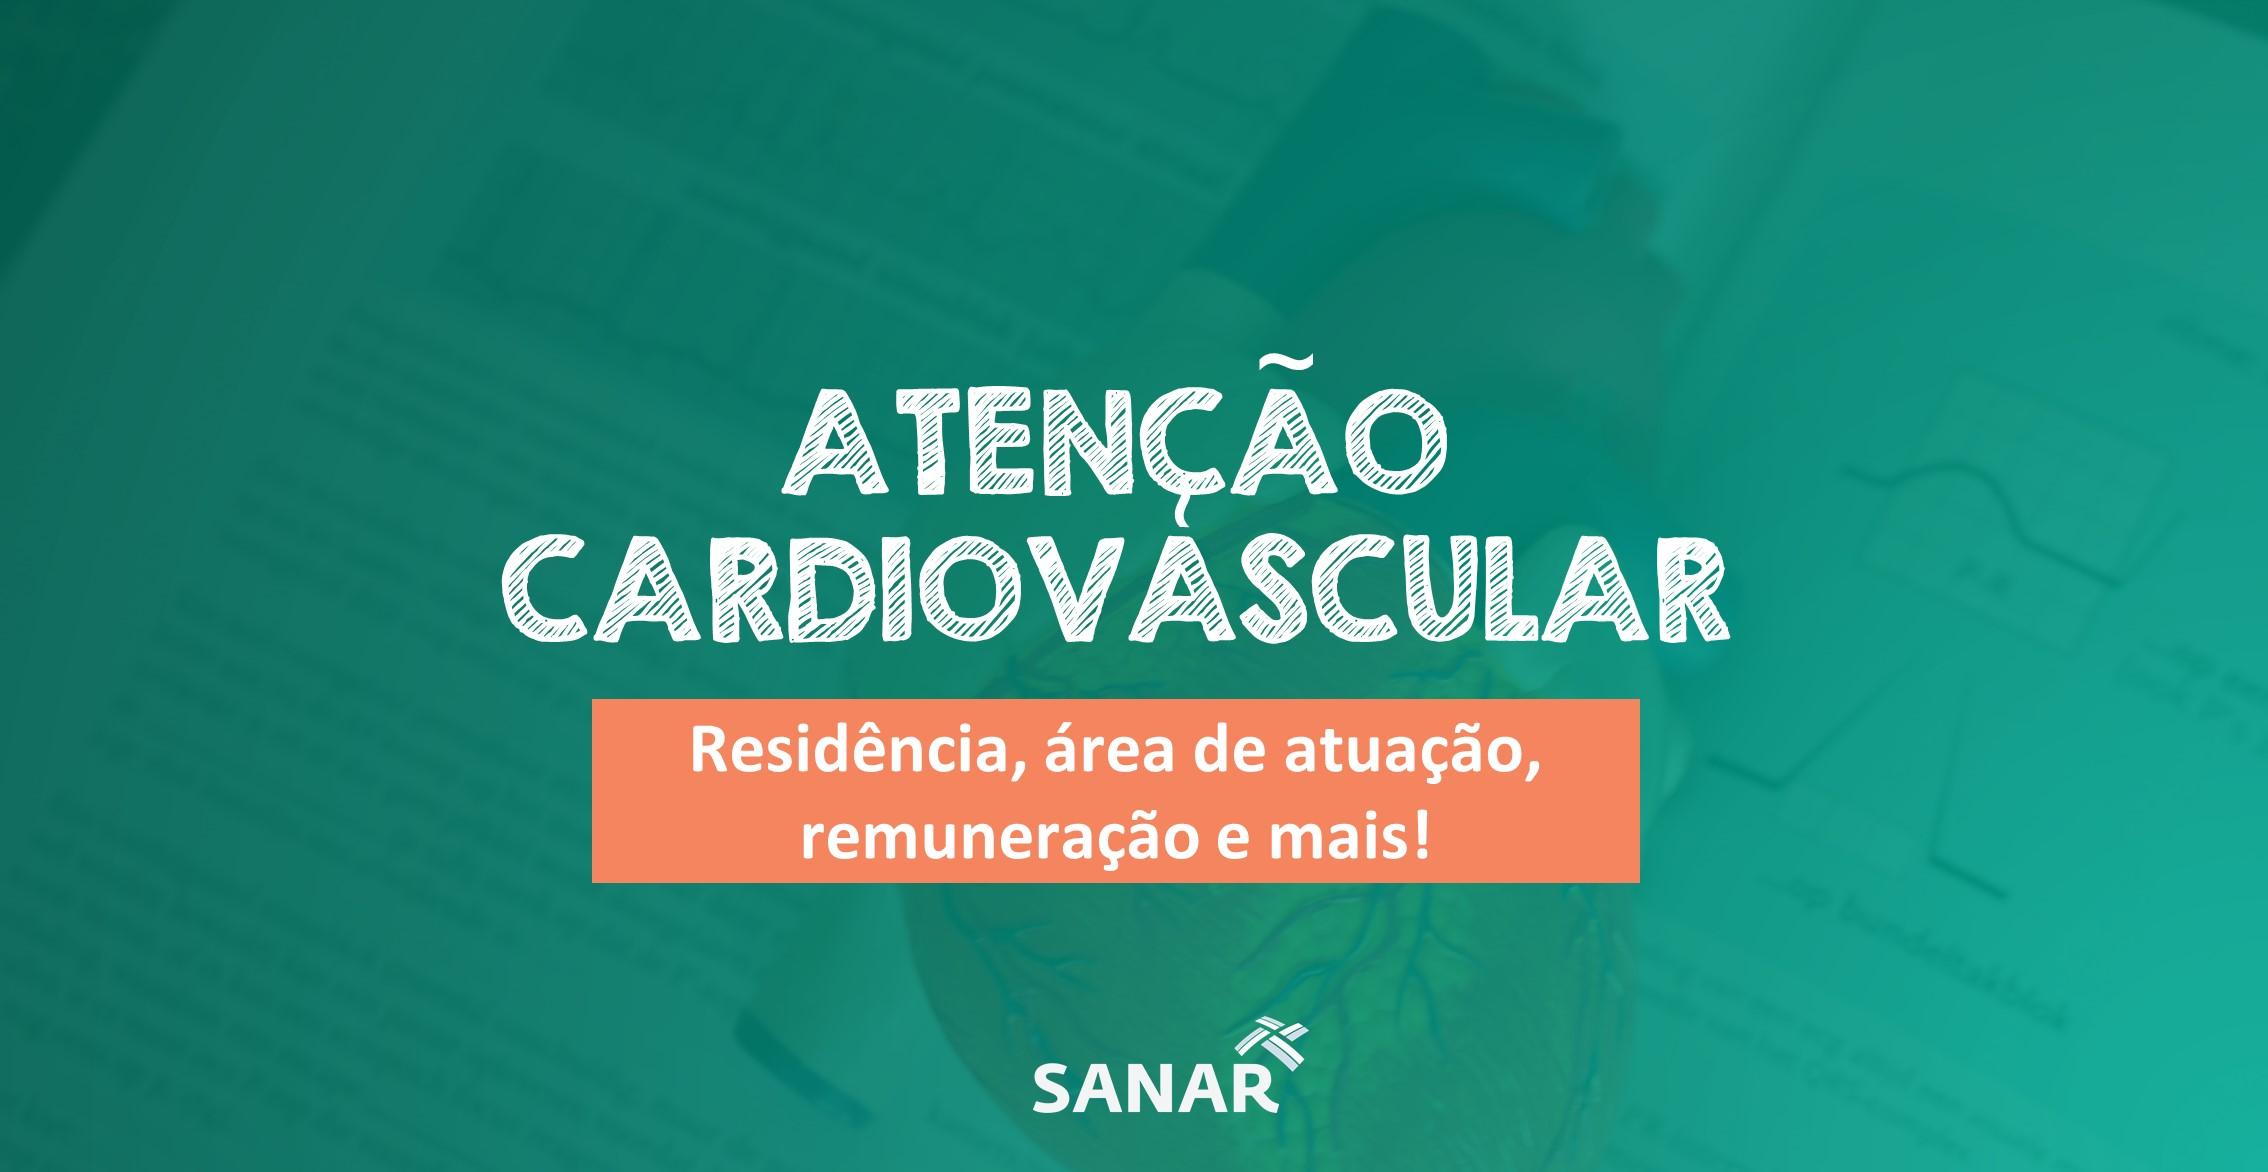 Atenção Cardiovascular